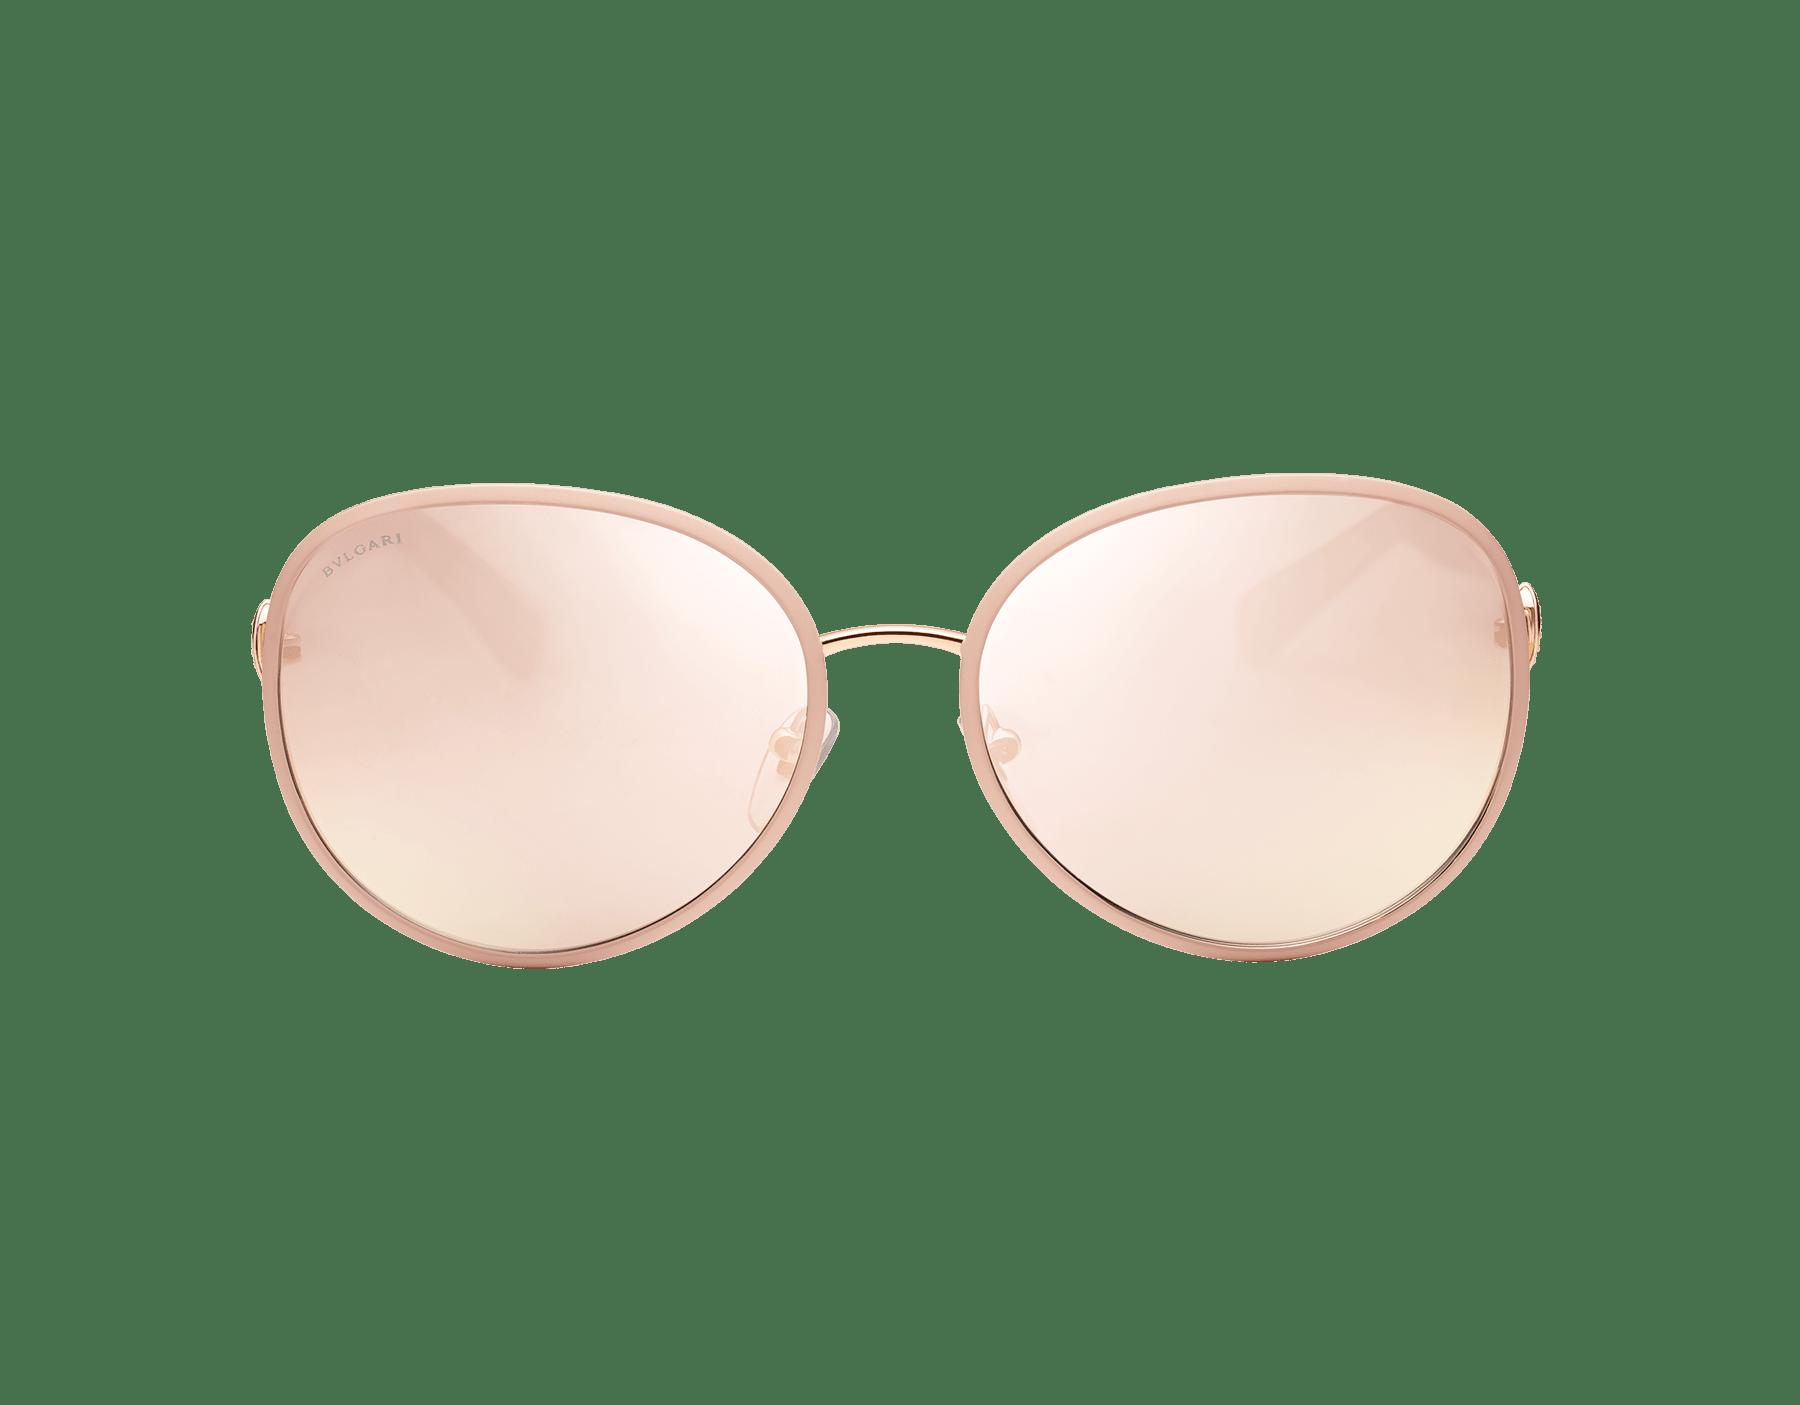 Óculos de sol Divas' Dream com formato redondo em metal. 903596 image 2